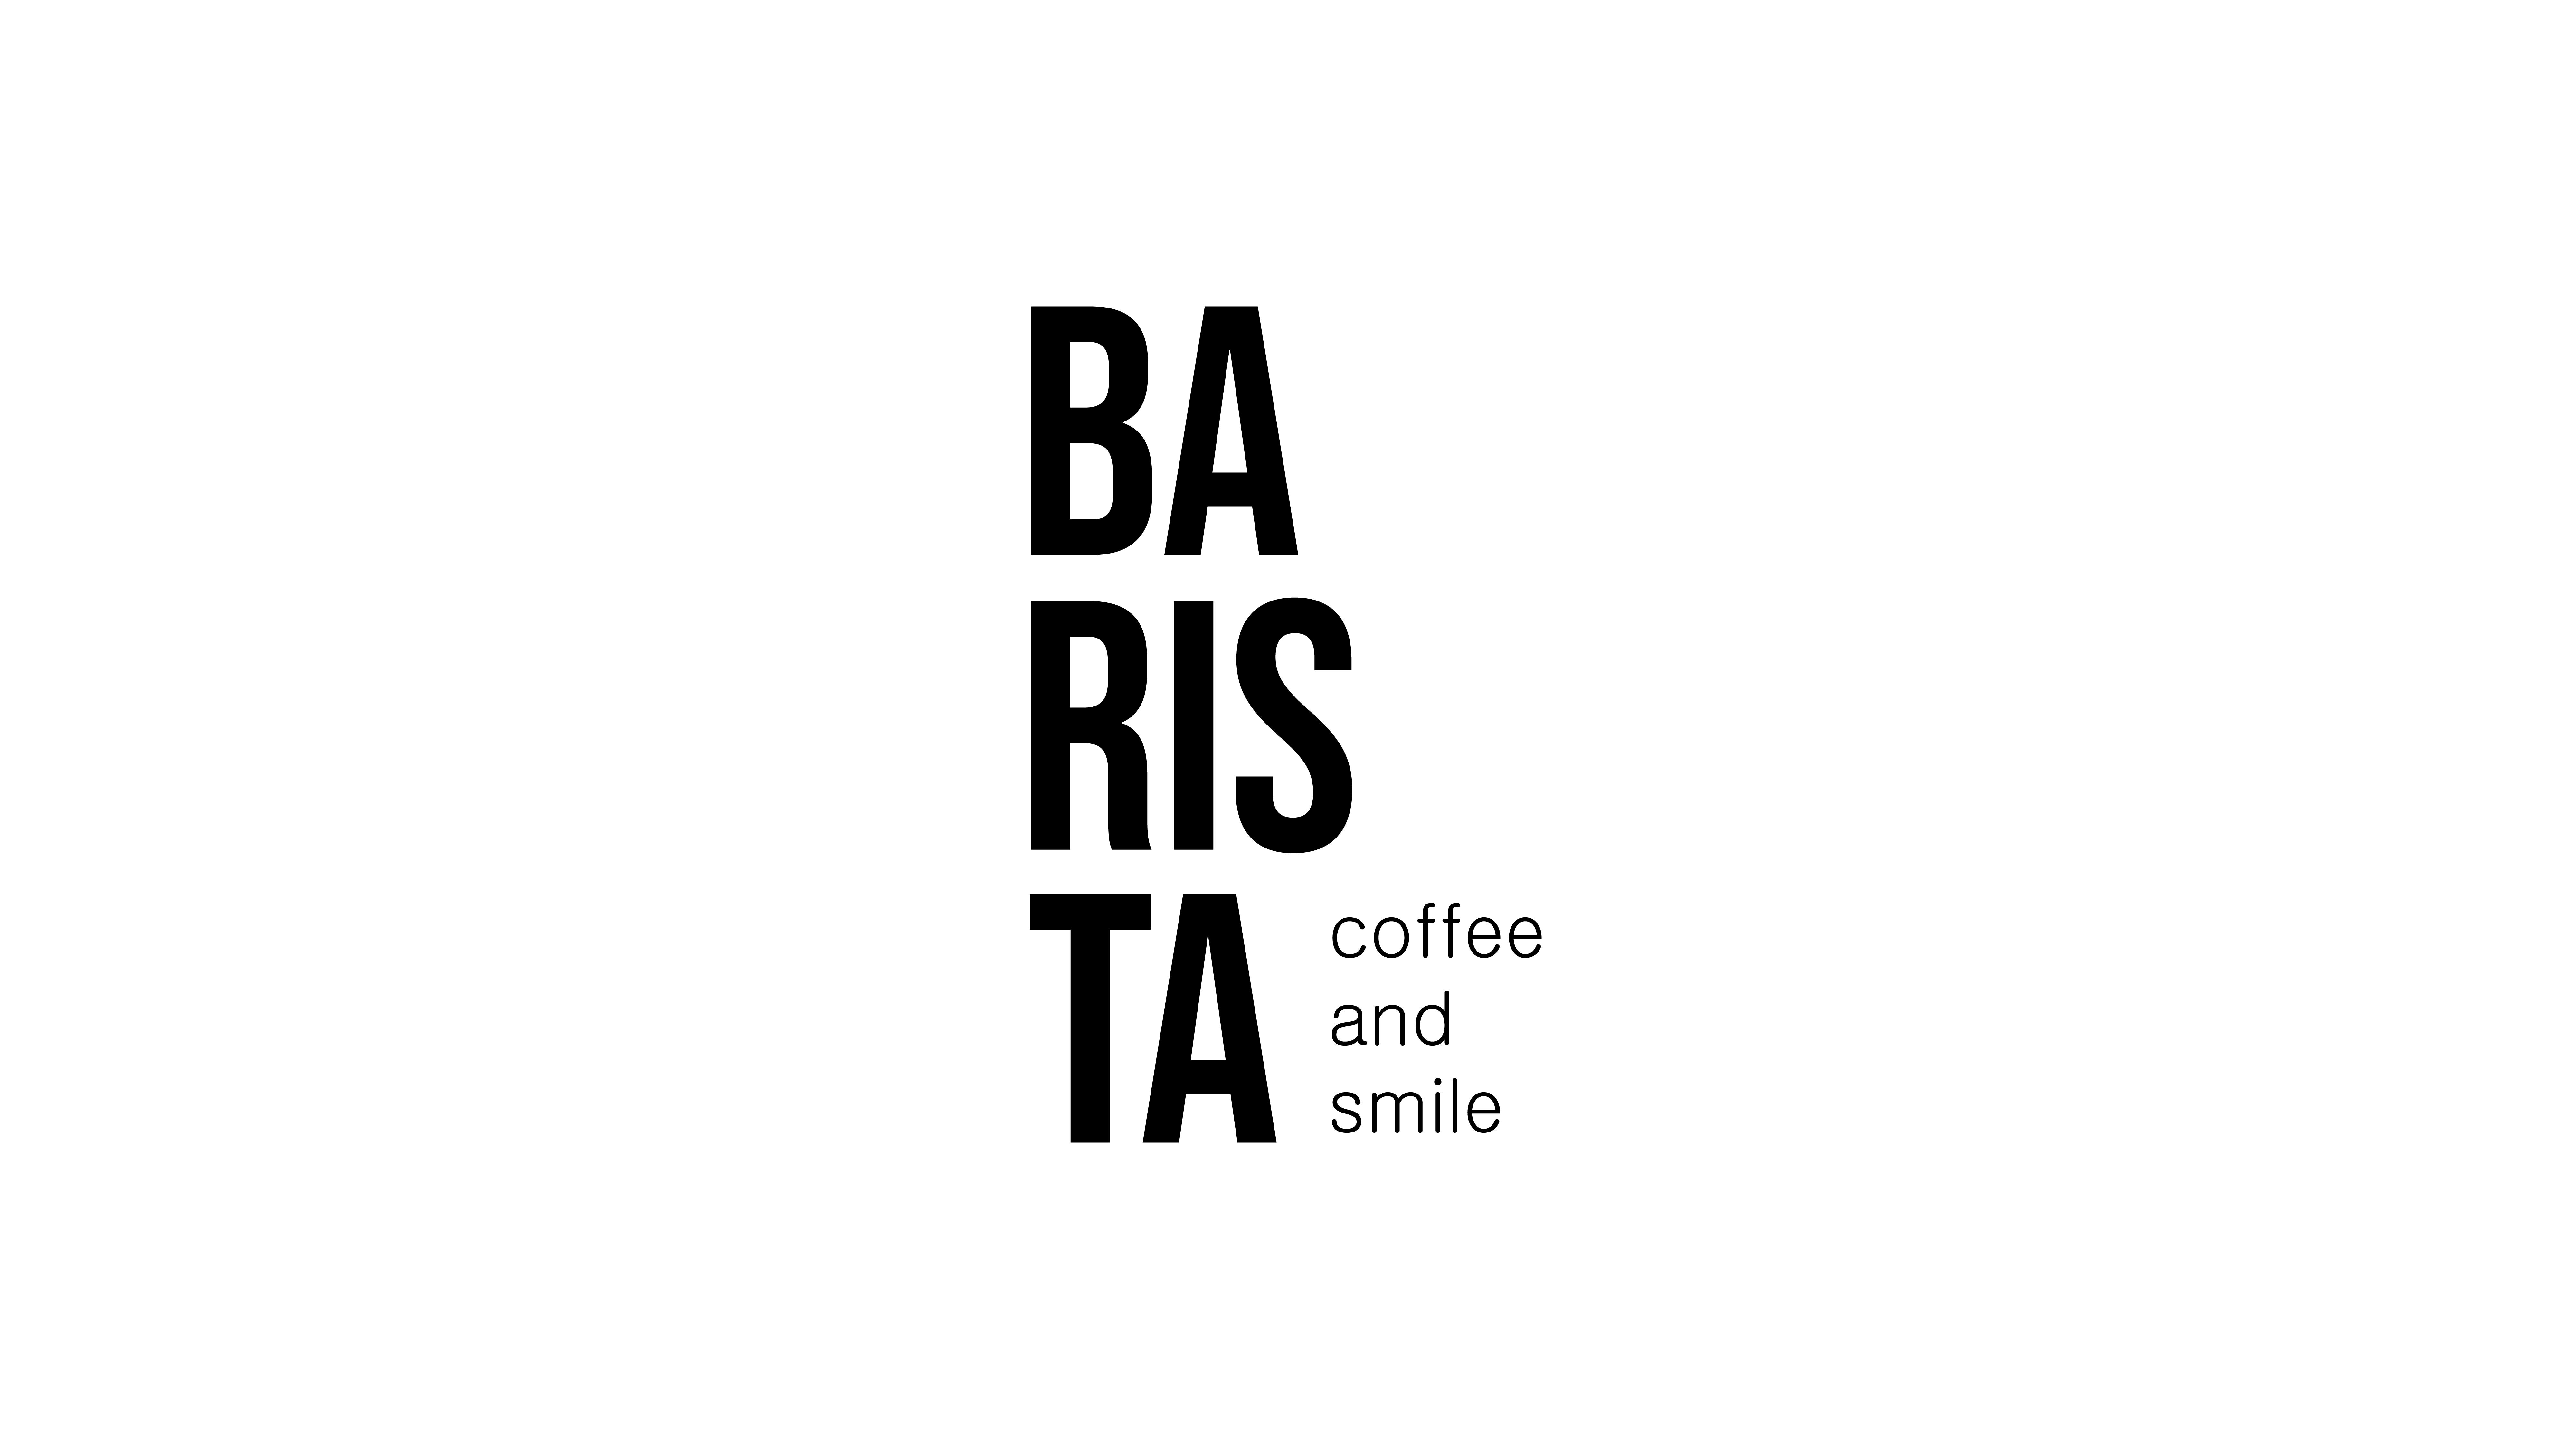 Ребрендинг логотипа сети кофеен фото f_2495e798b3c3876a.png